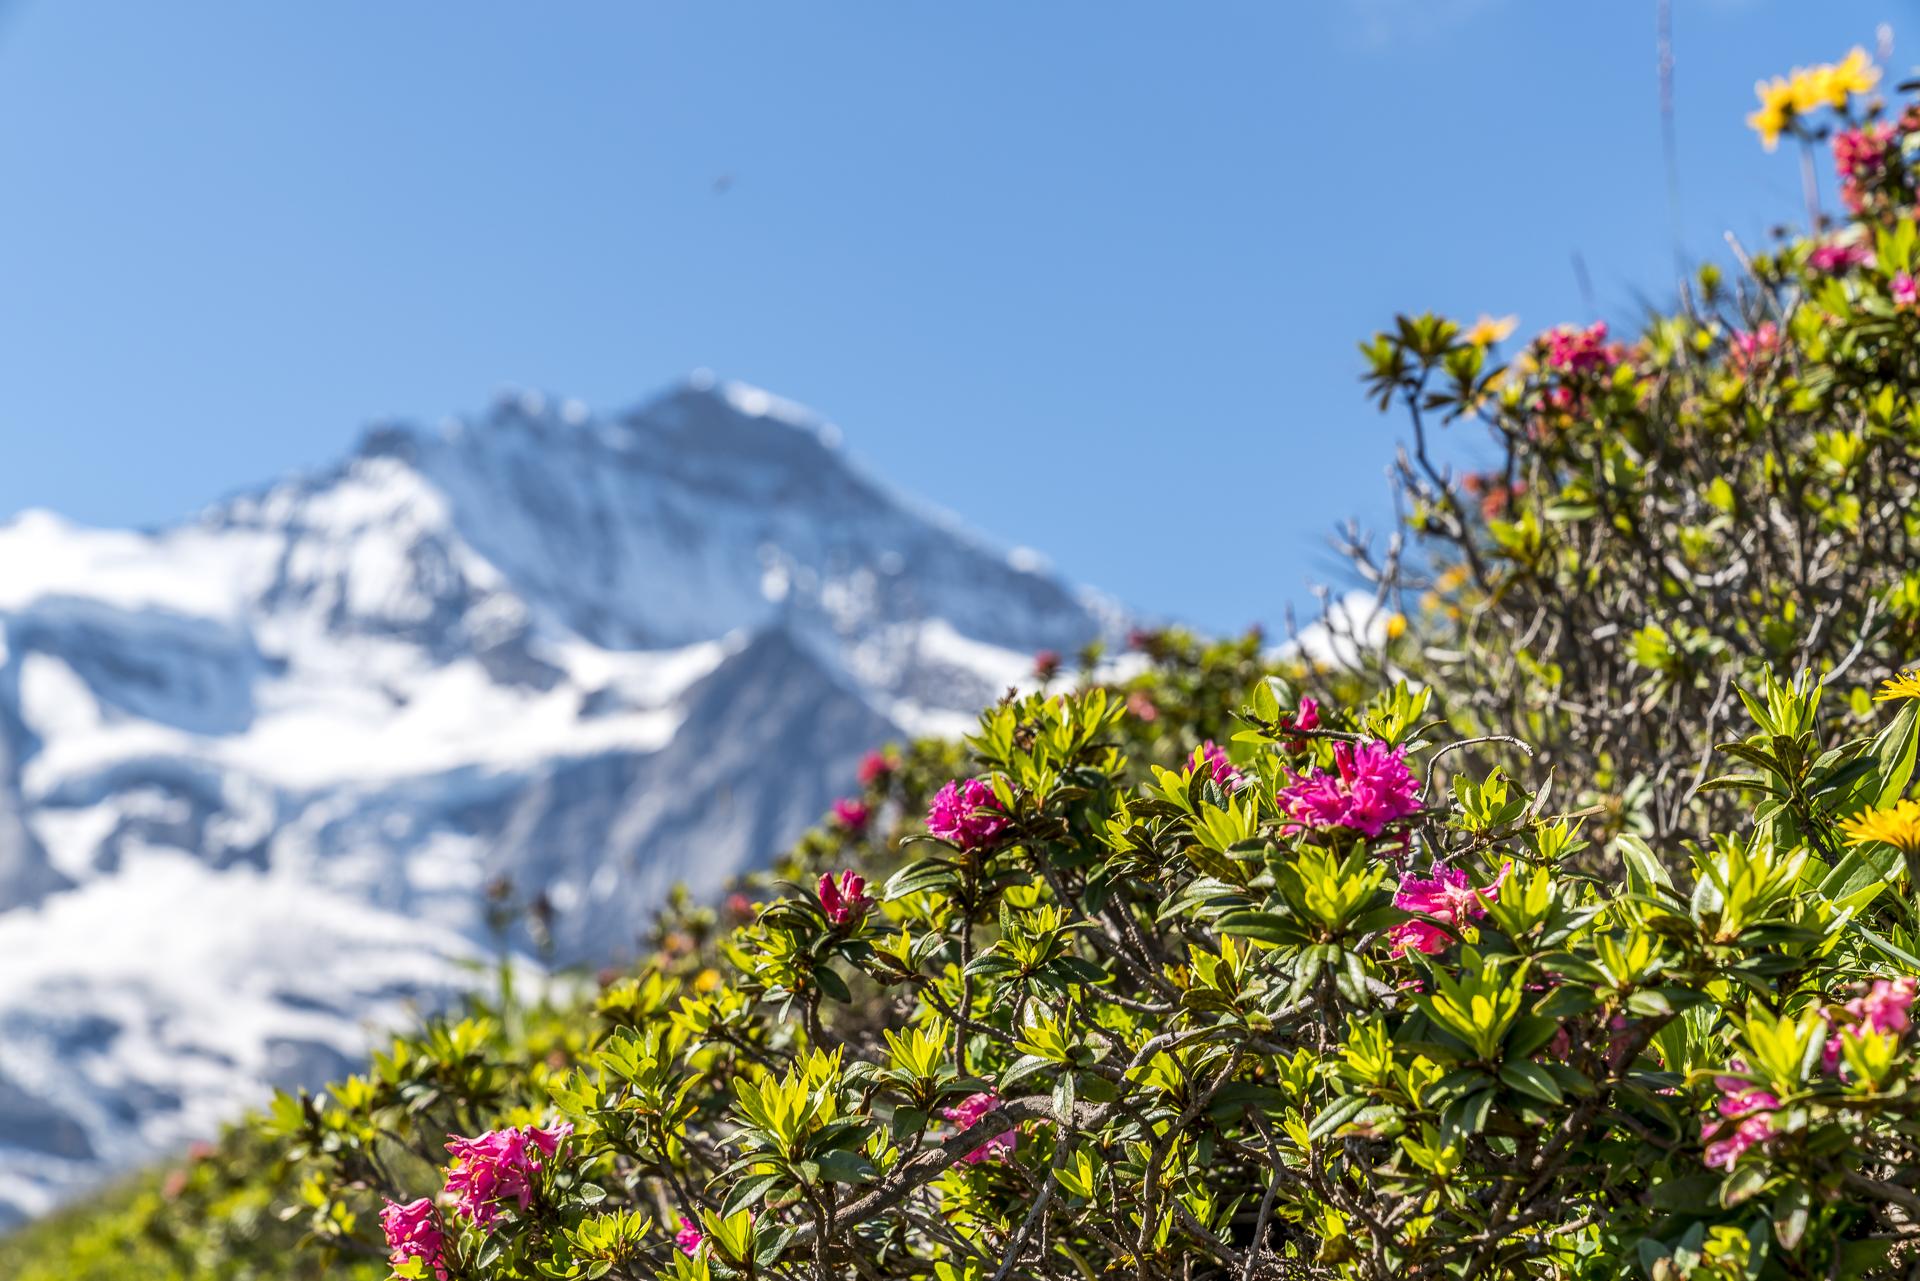 Alpenrose Jungfrau